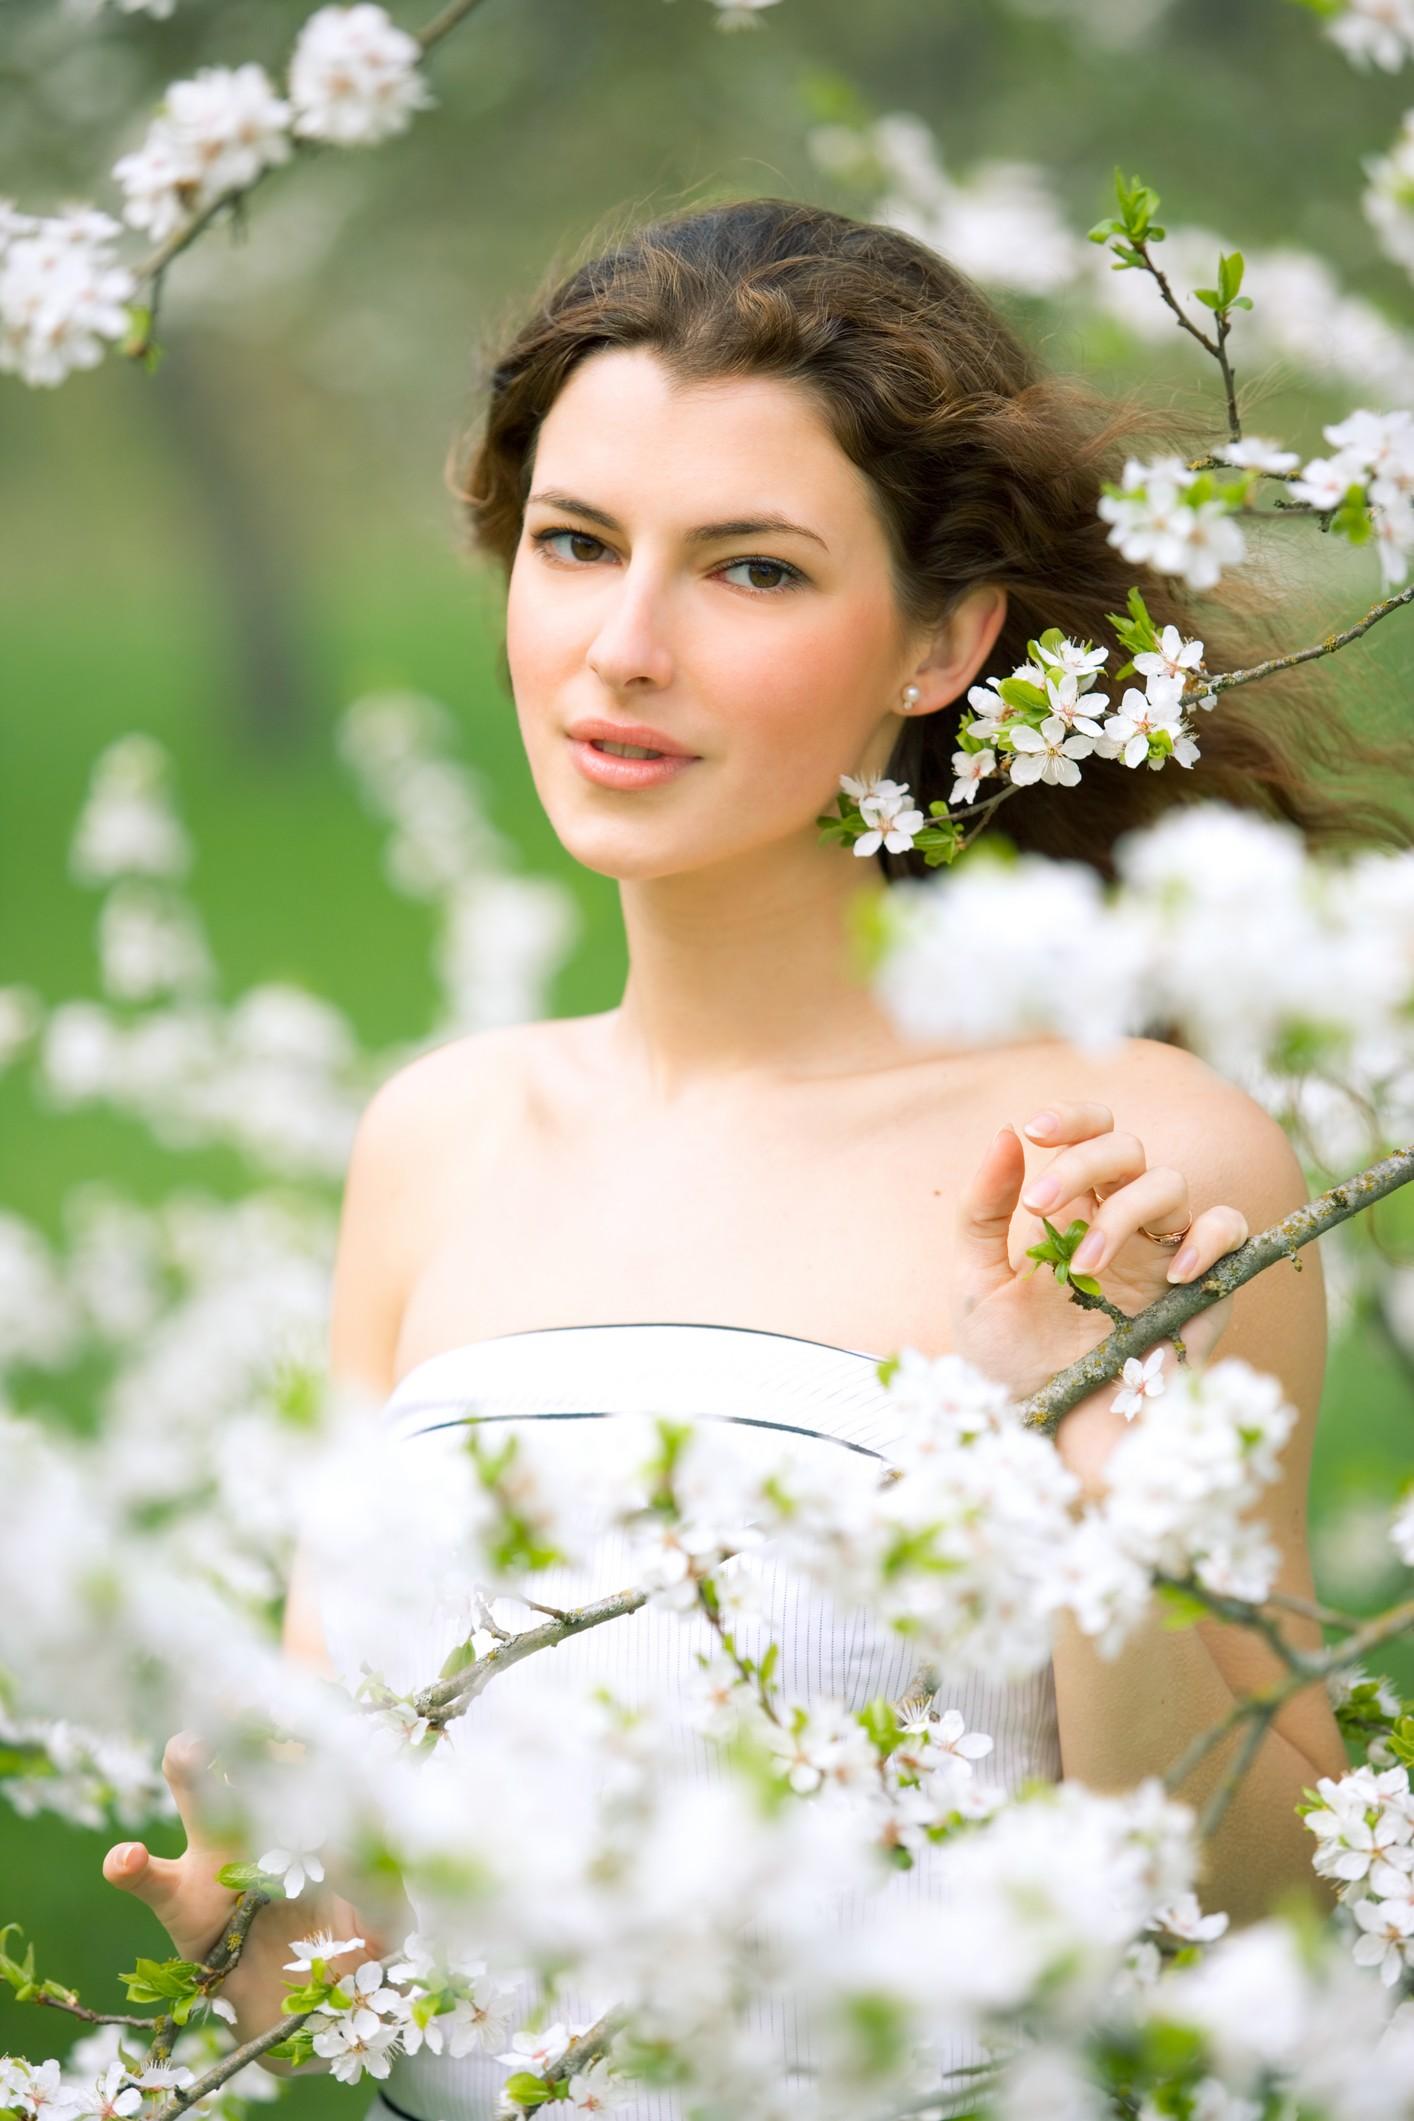 Девушка в саду весна фото